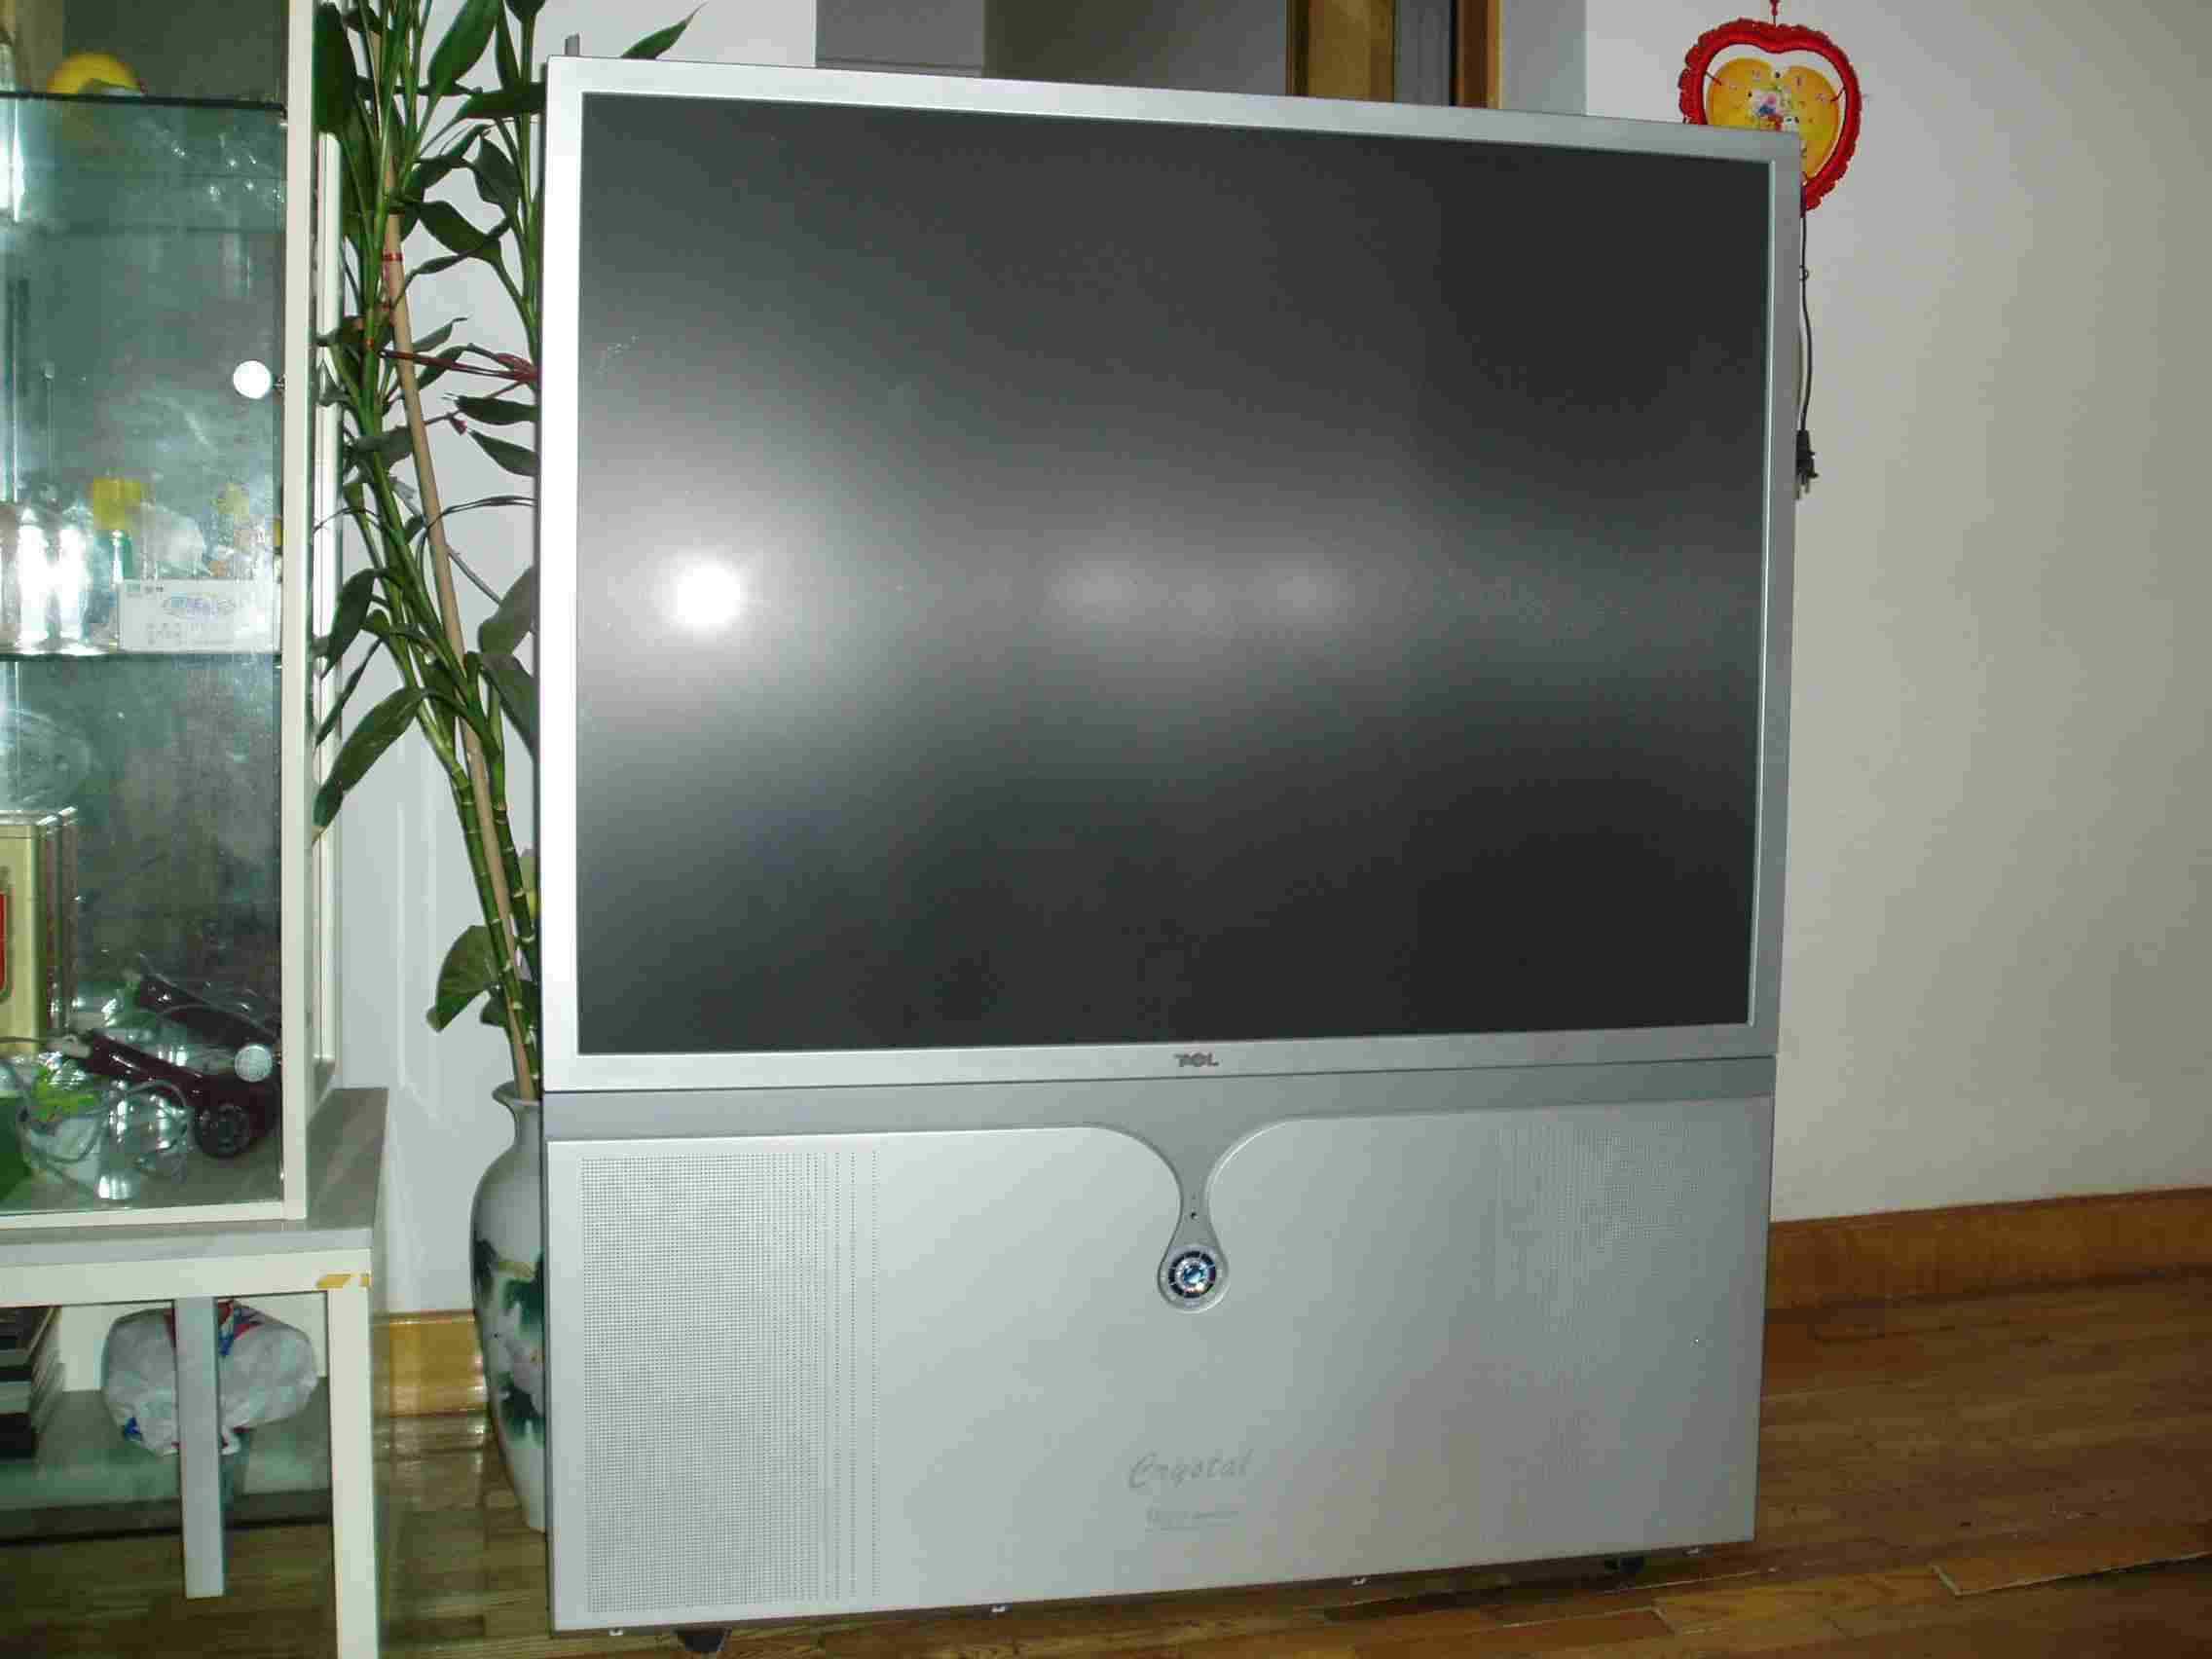 全新tcl 54寸背投电视机低价卖!